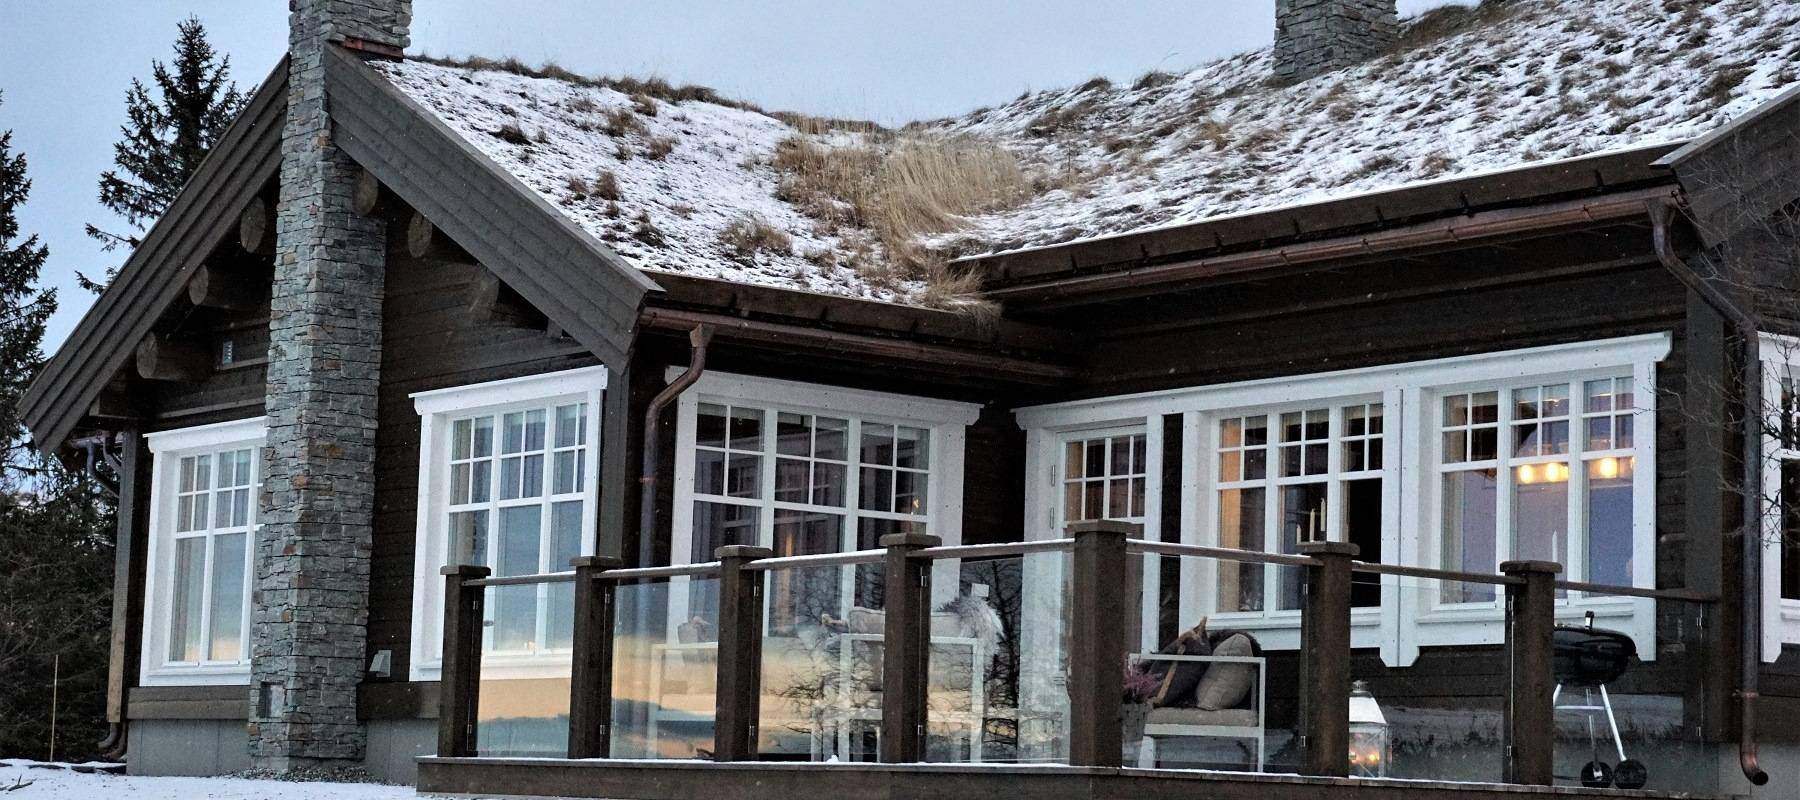 78 Hytteleverandor – Tiurtoppen Hytter Inspirasjon hytte pa Gålå